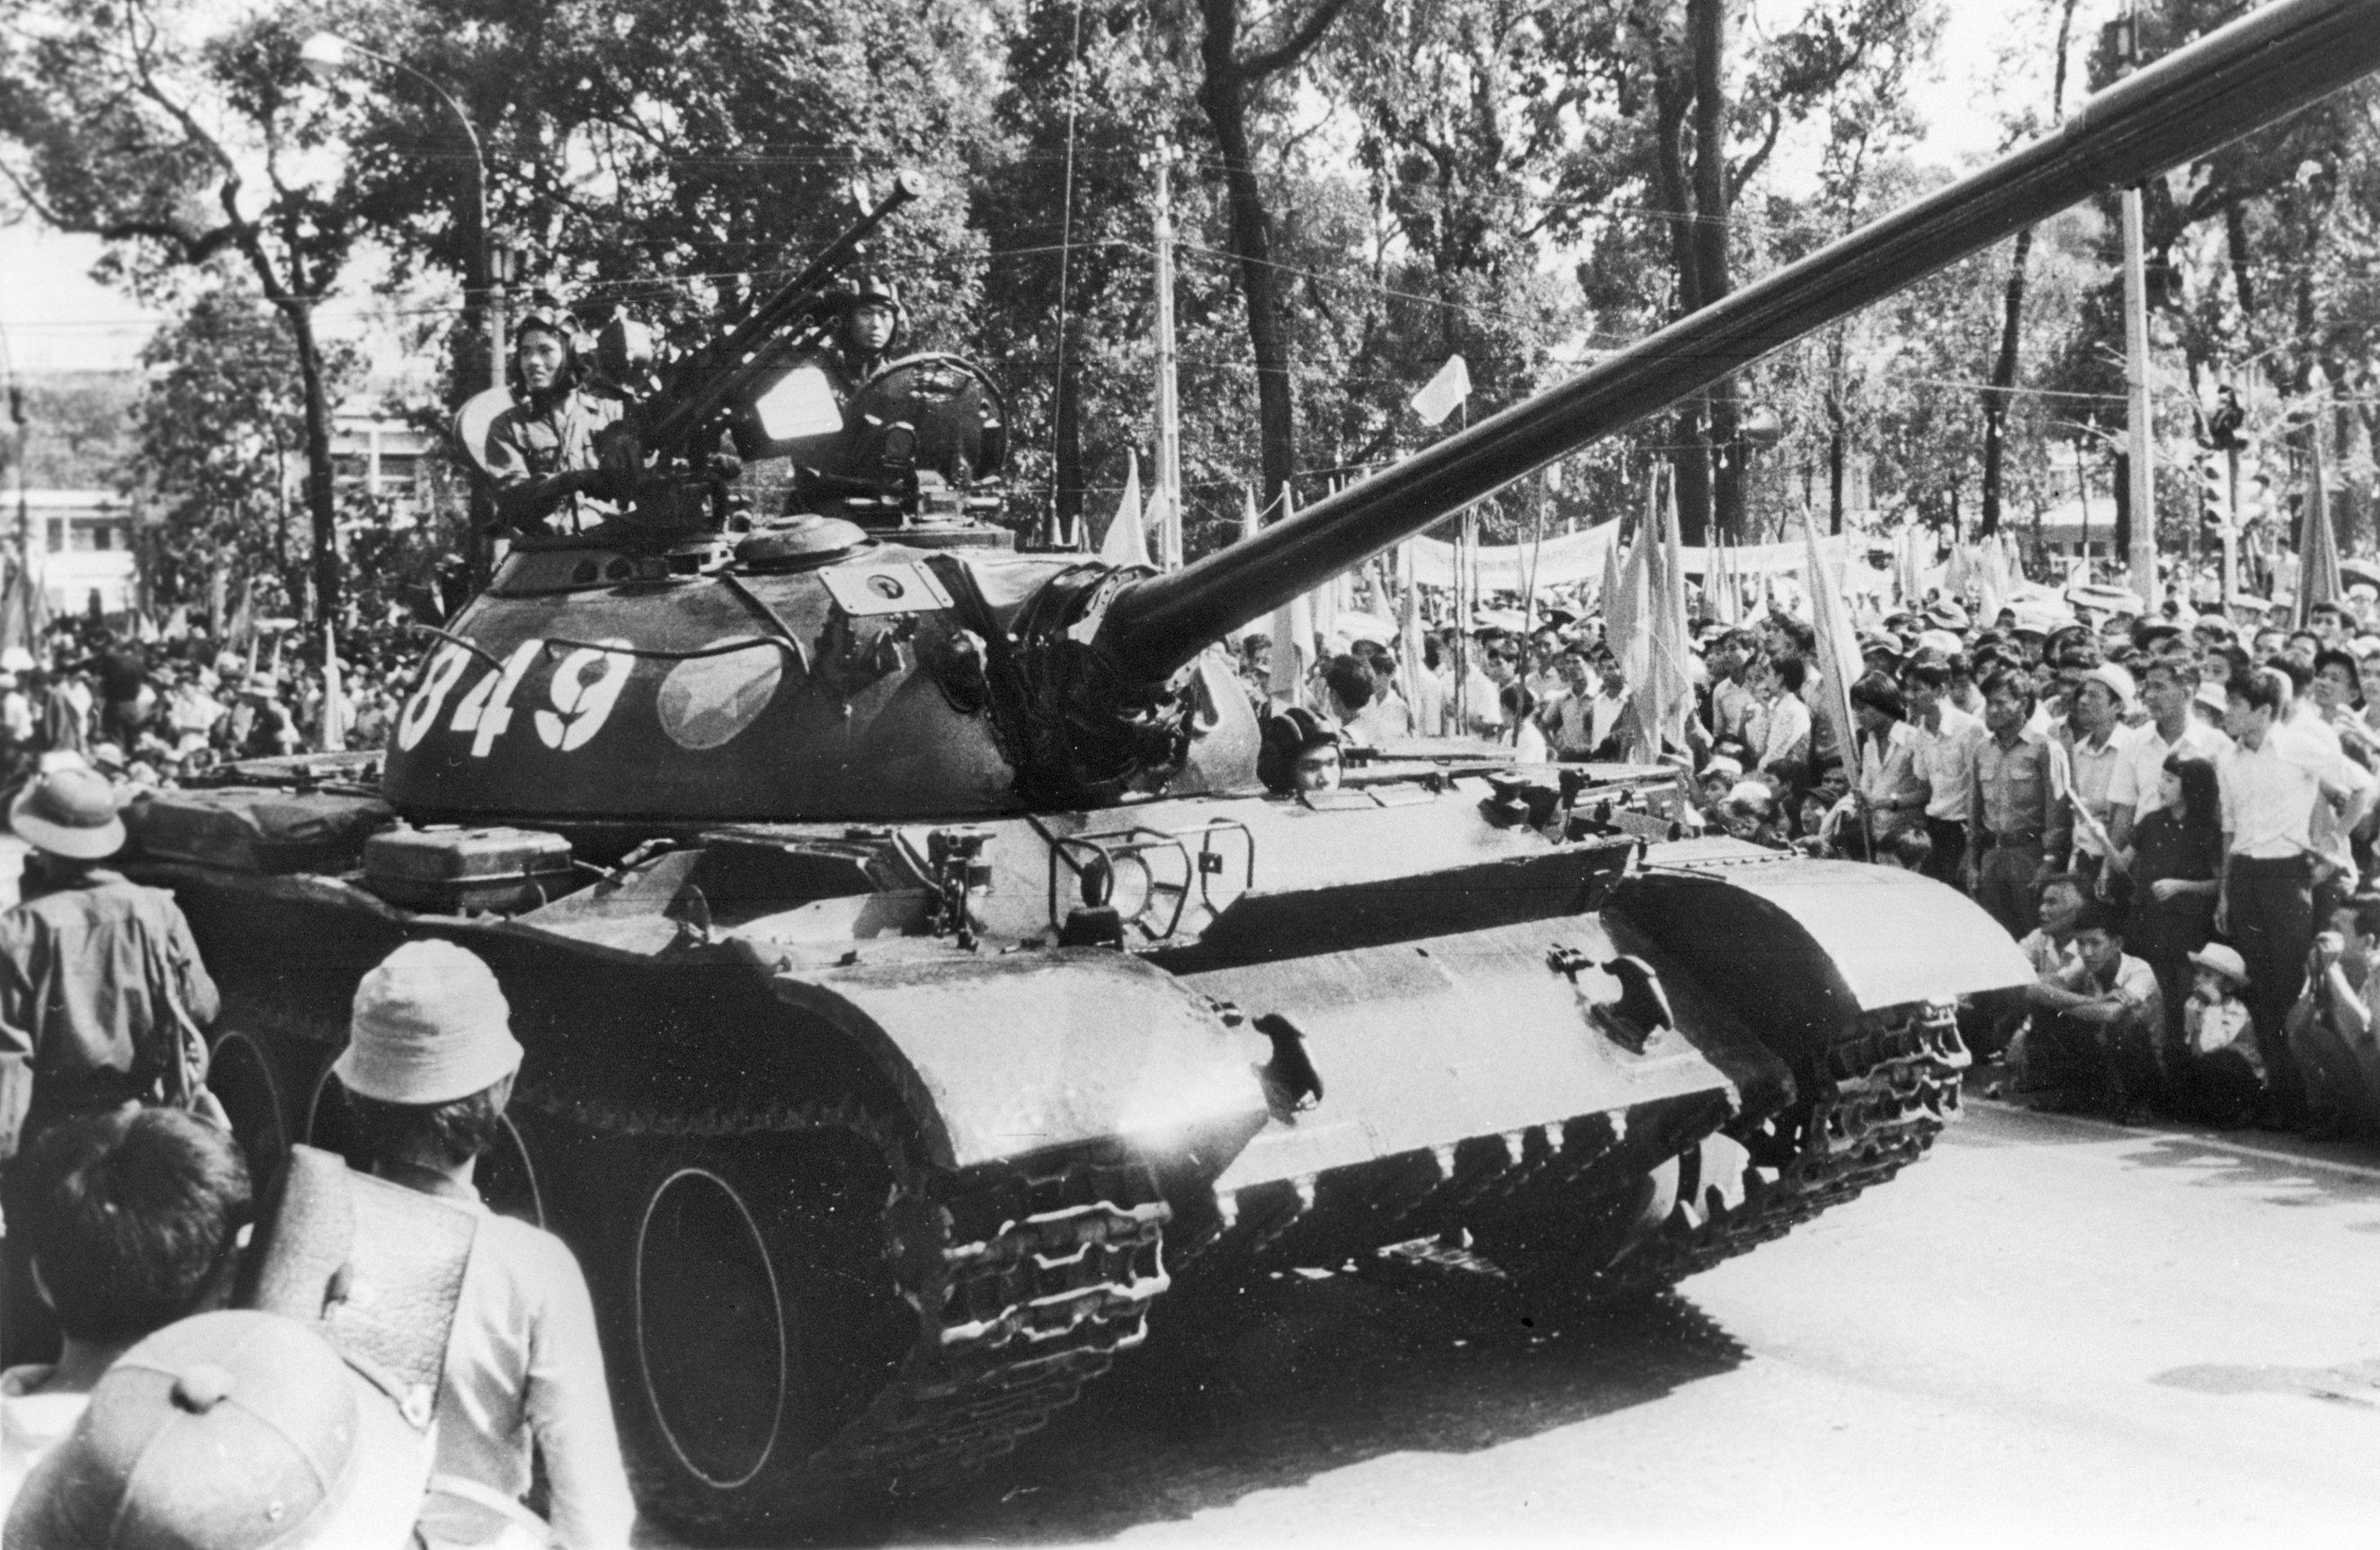 El desfile de las tropas blindadas con motivo de la liberación de Vietnam del Sur